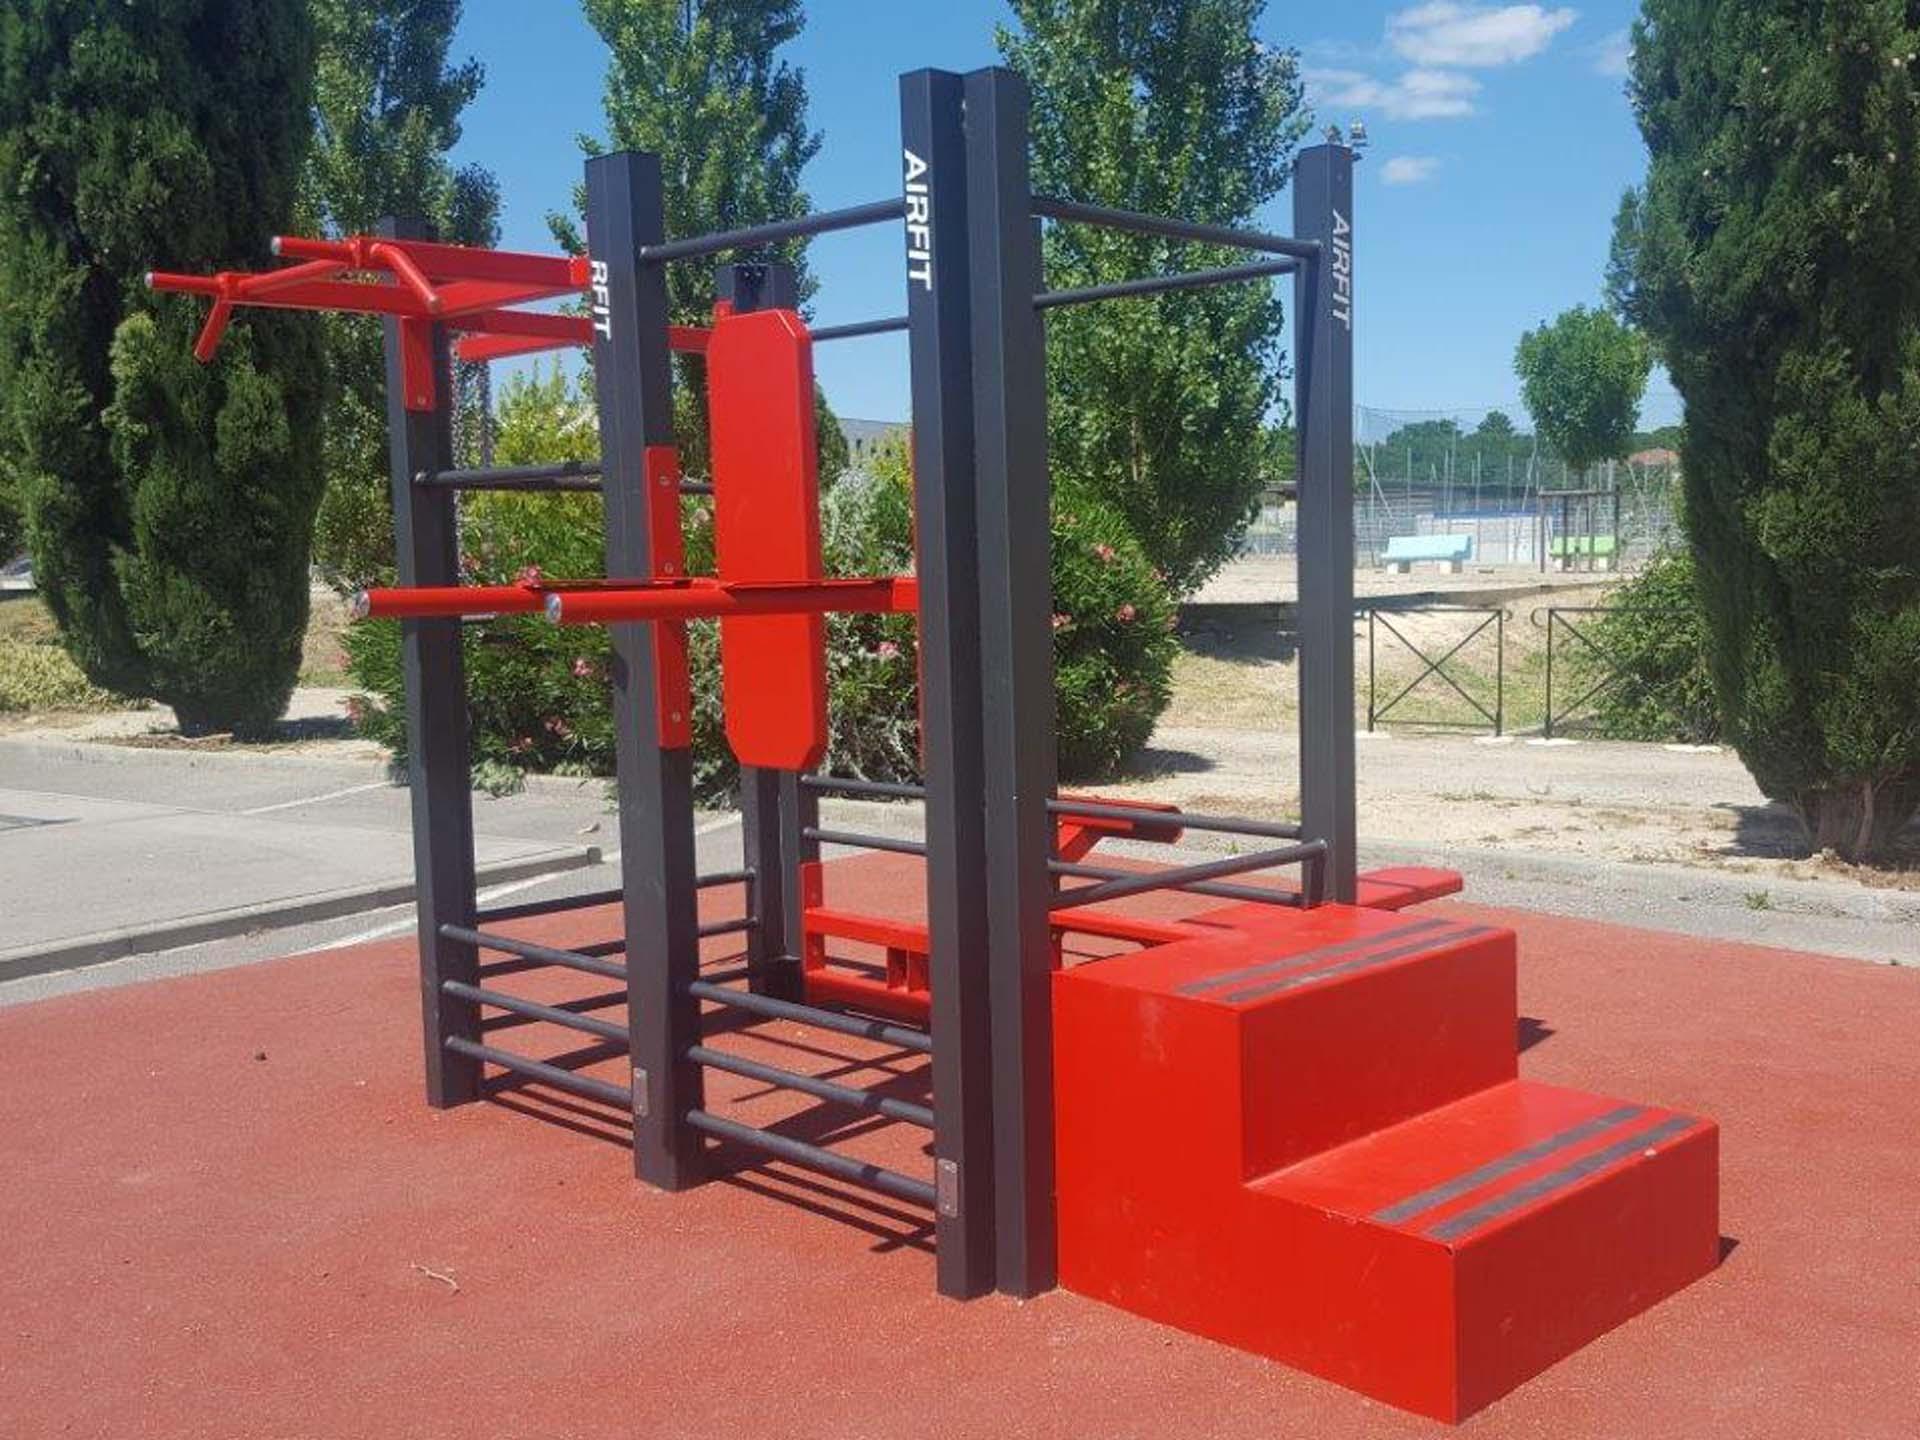 Photo de l'équipement sportif en plein air à côté du city park de Saint Georges d'Orques